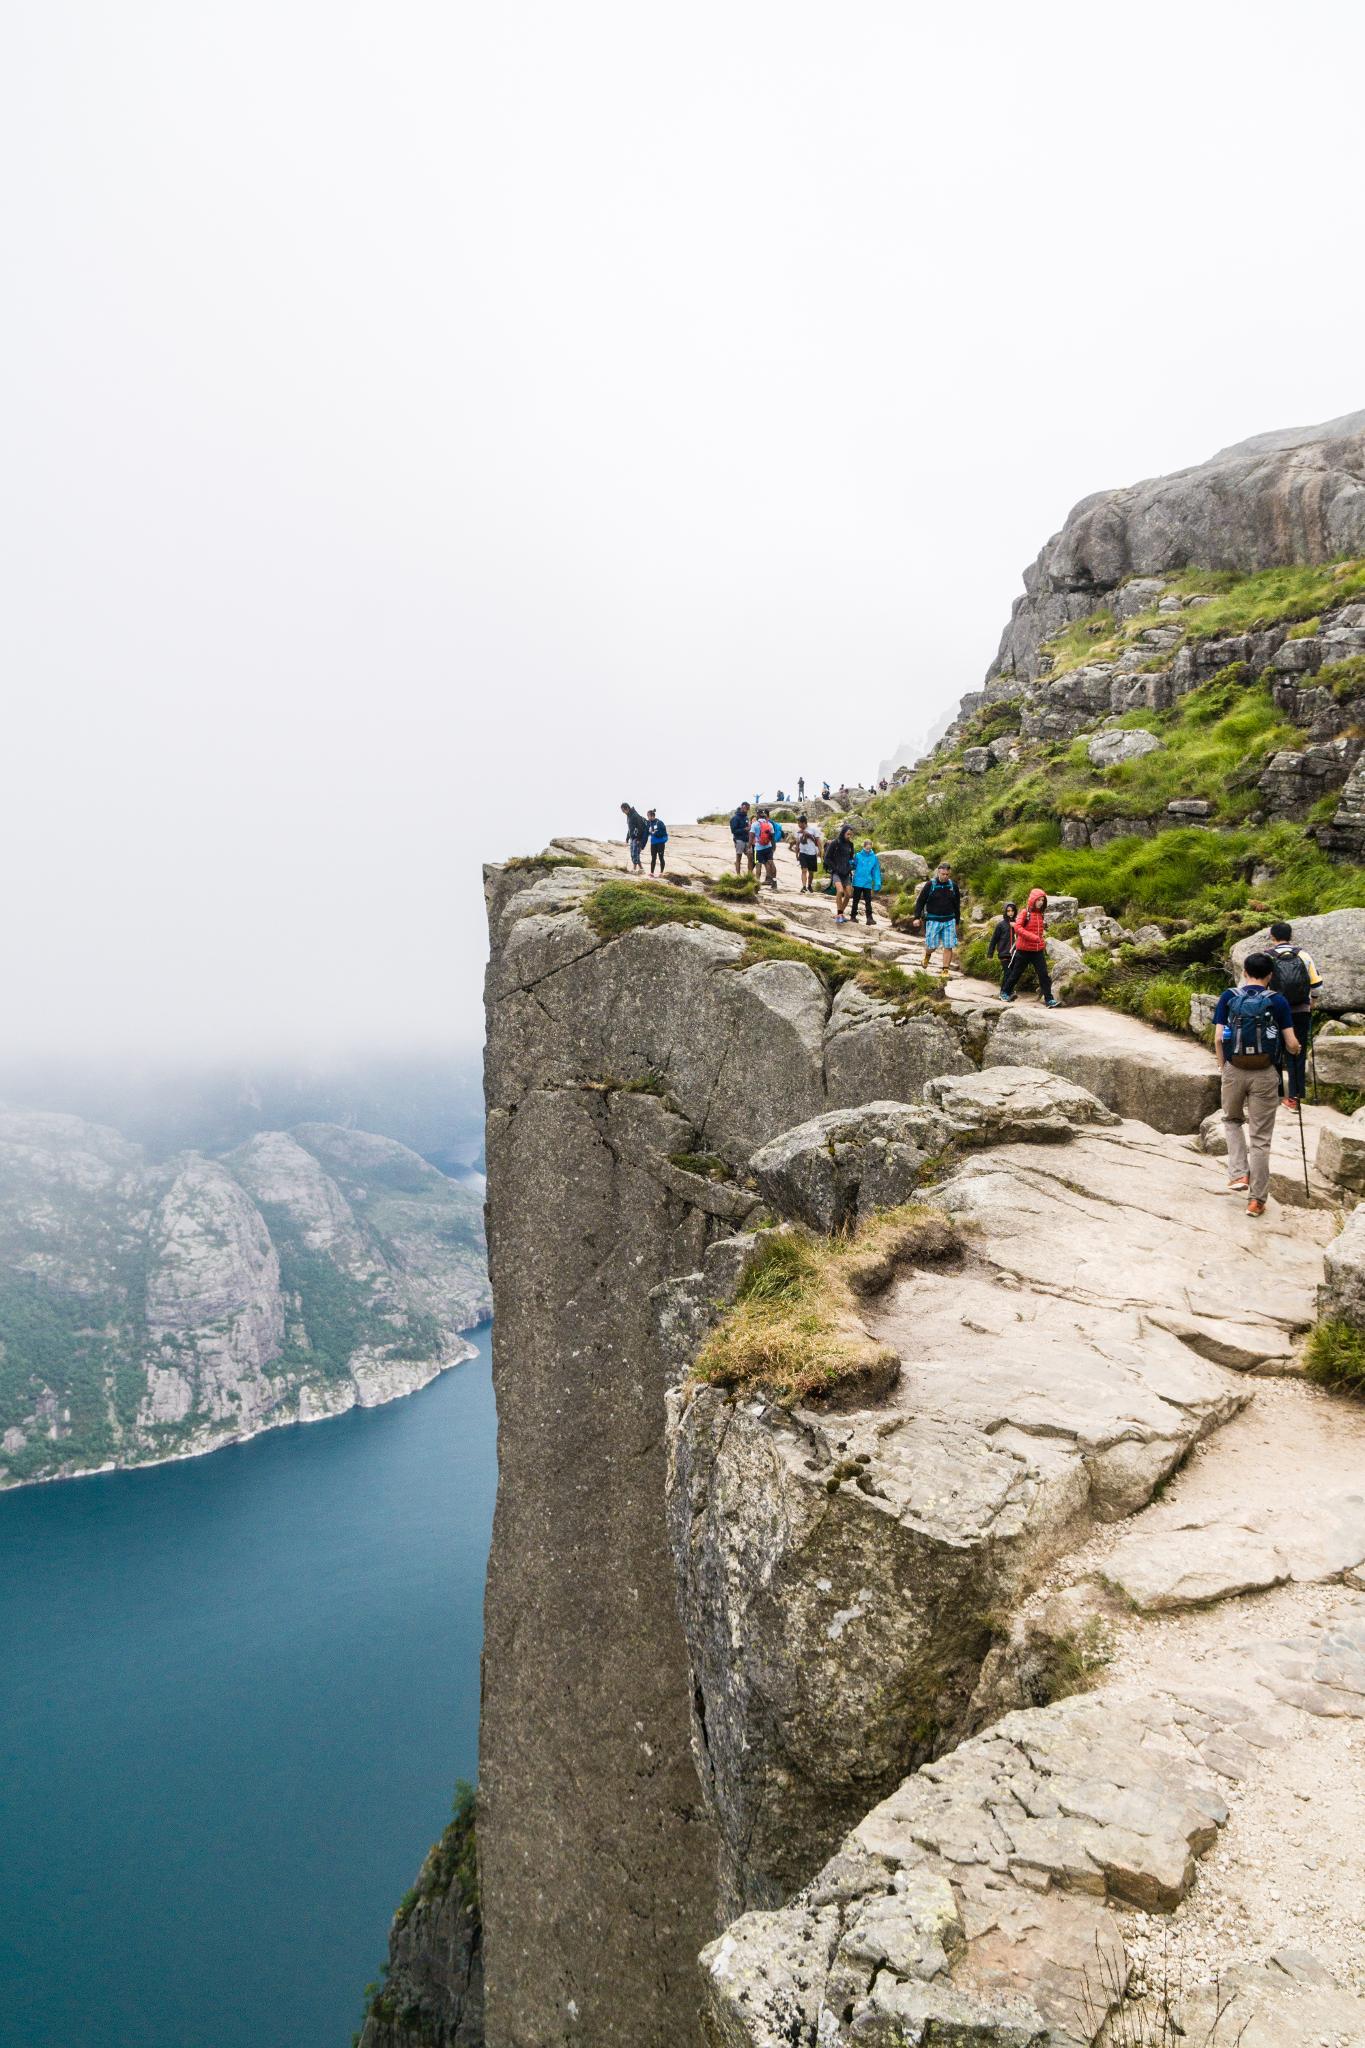 【北歐景點】朝聖挪威三大奇岩:聖壇岩Preikestolen健行紀錄 17